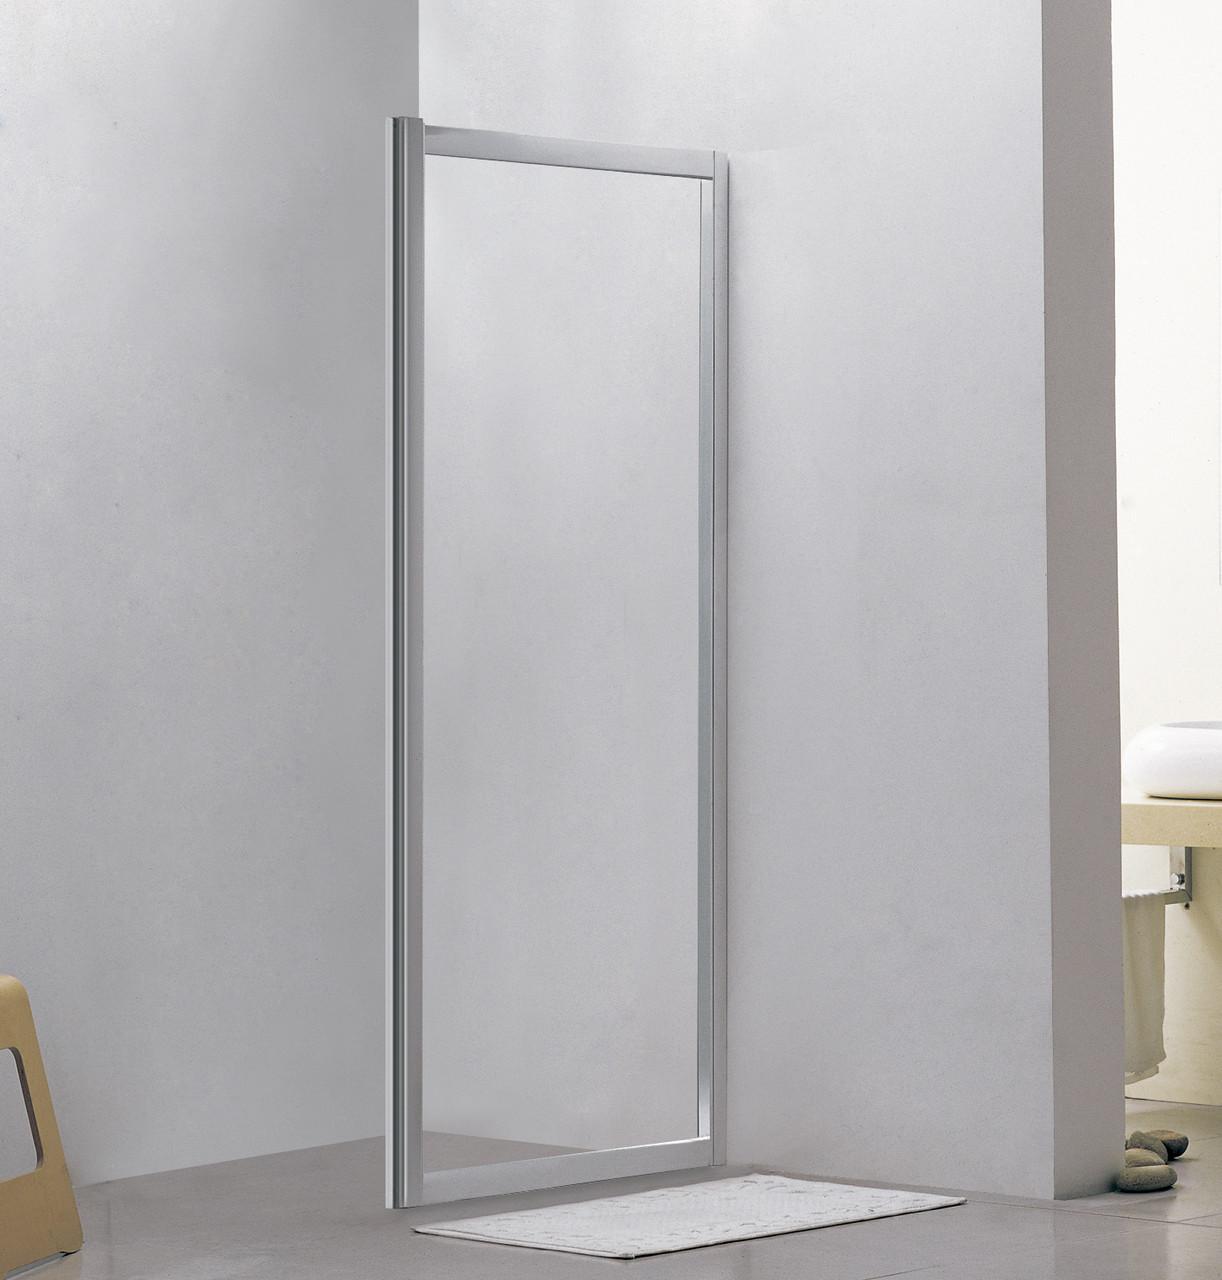 Боковая стенка 80*195см, для комплектации с дверьми 599-150 (h)